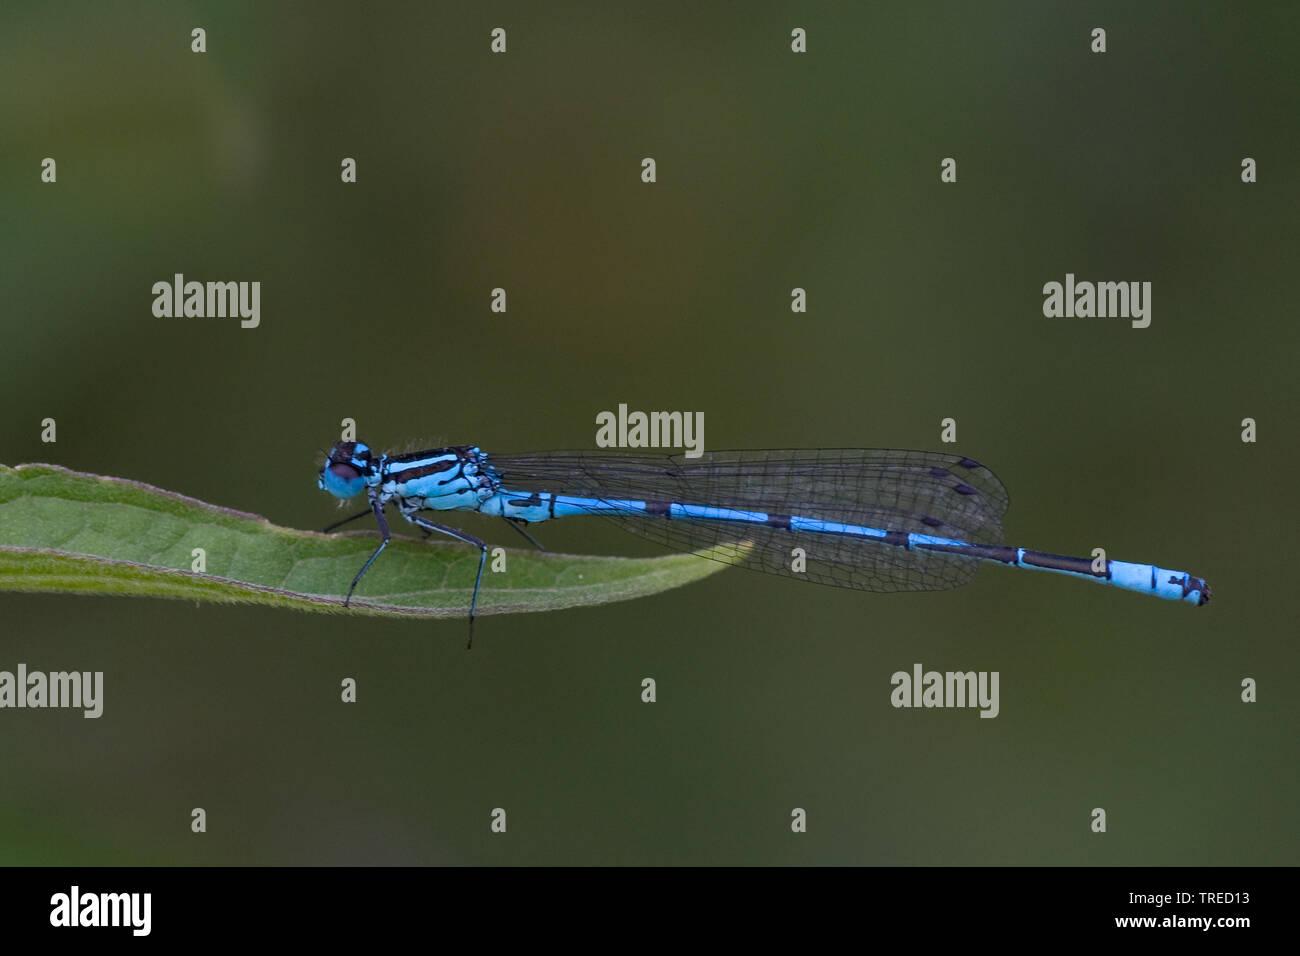 Hufeisen-Azurjungfer, Hufeisenazurjungfer (Coenagrion puella), Maennchen sitzt auf einem Blatt, Seitenansicht, Niederlande | Common coenagrion, Azure - Stock Image